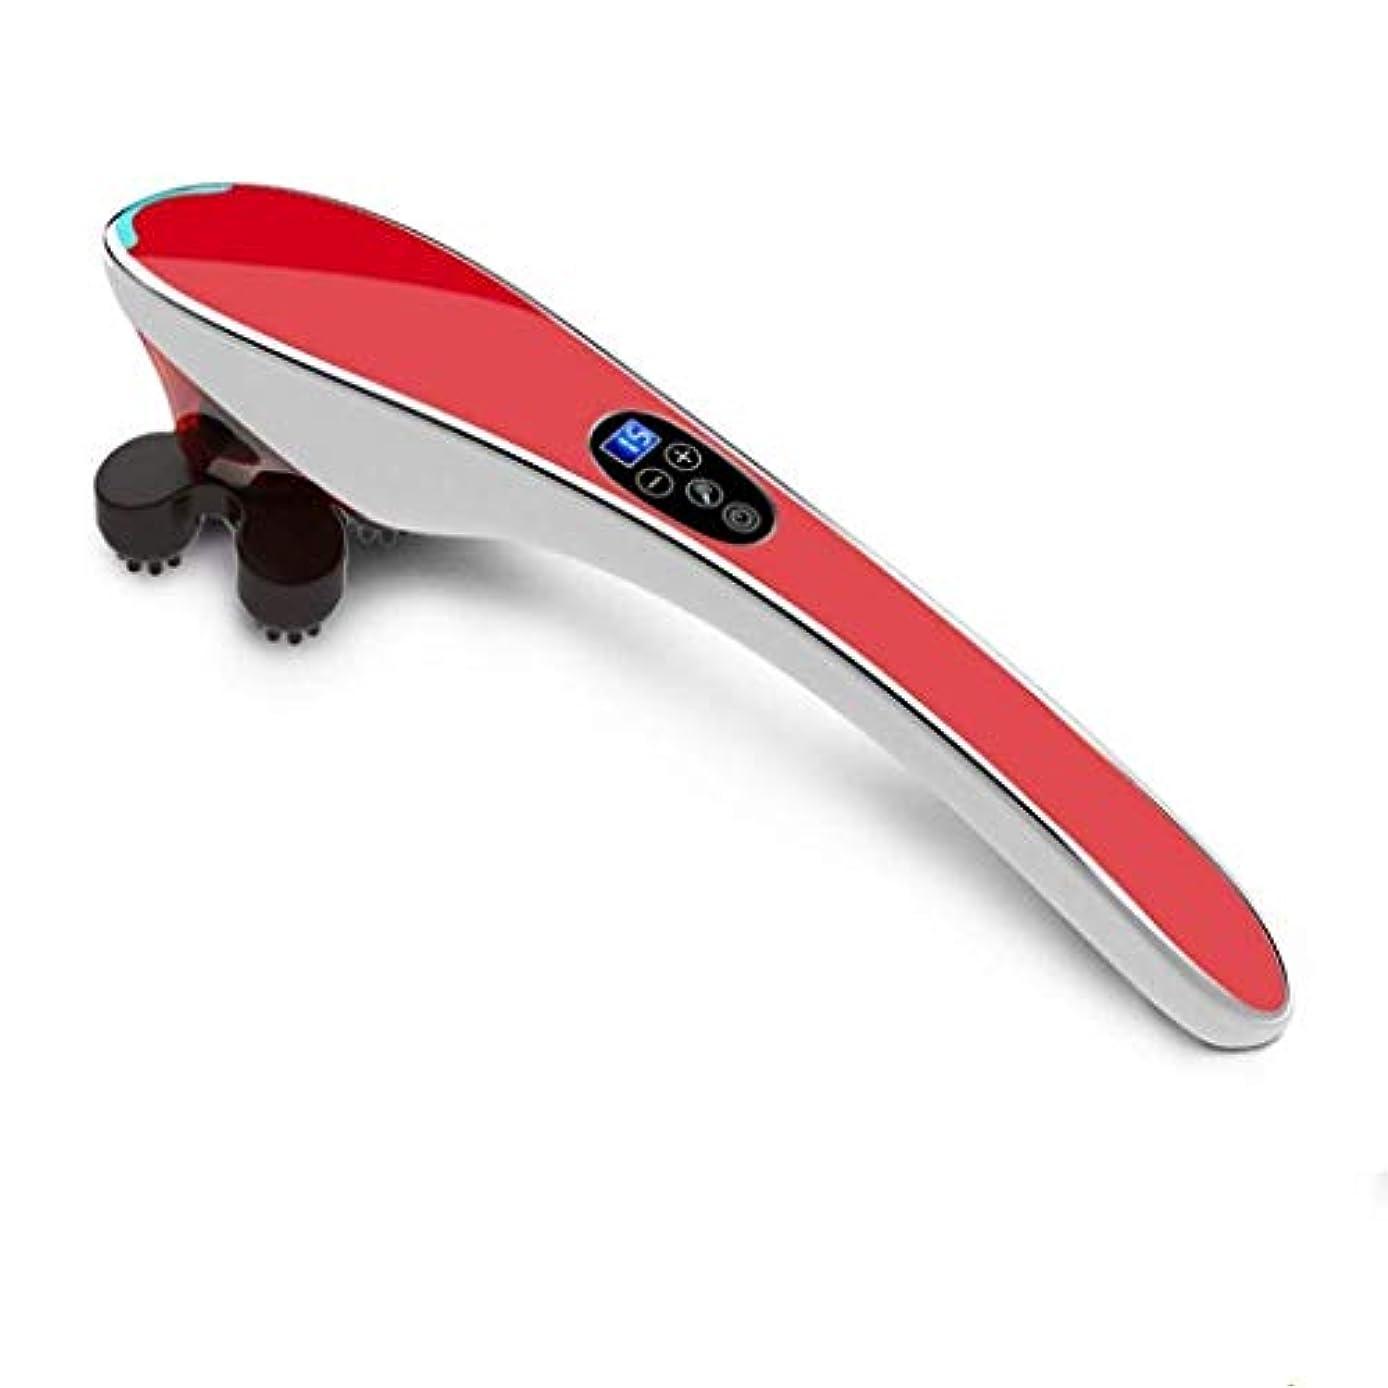 告発電話キノコインテリジェントウエストマッサージハンマー1では4、鍼灸ボディ健康マッサージハンマーマッサージ電気温水マッサージ、頸椎、血液循環を促進、痛み/ストレス/疲労を和らげます (Color : 赤, Size : Chargingmodel)